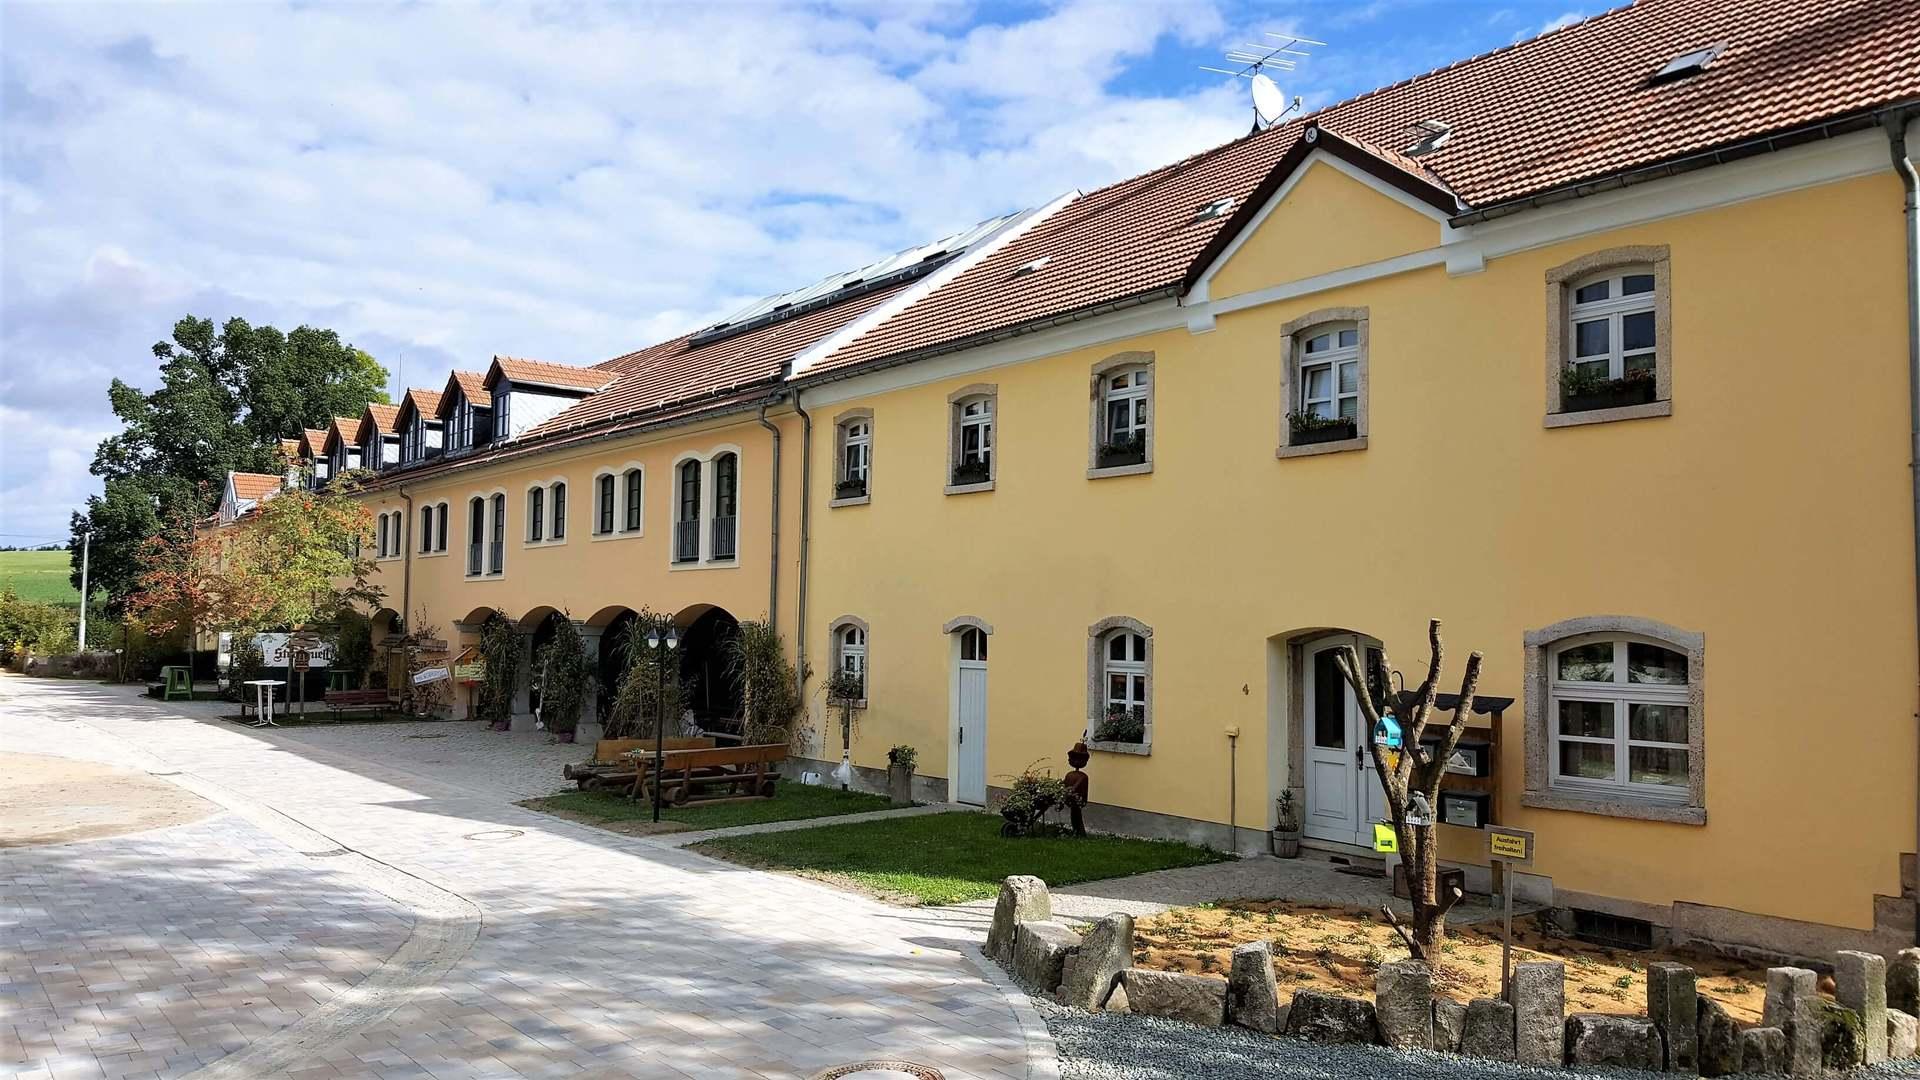 Rittergut Adlershof zu Oberlauterbach - Ansicht Ostflügel © Jens Reiher